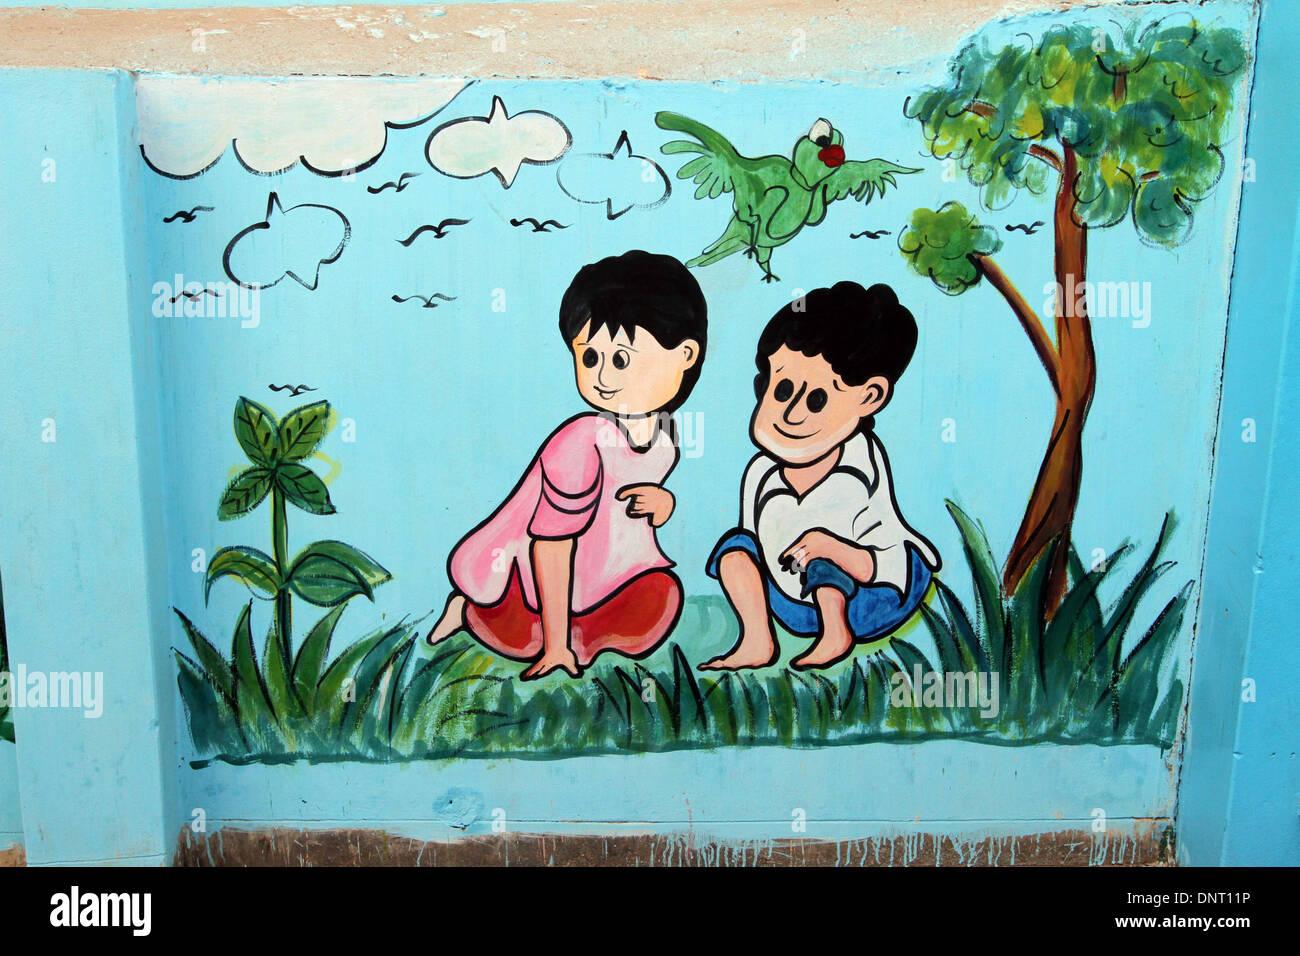 School Wall Paint Meena Cartoon In Dhaka Stock Photo 65066562 Alamy